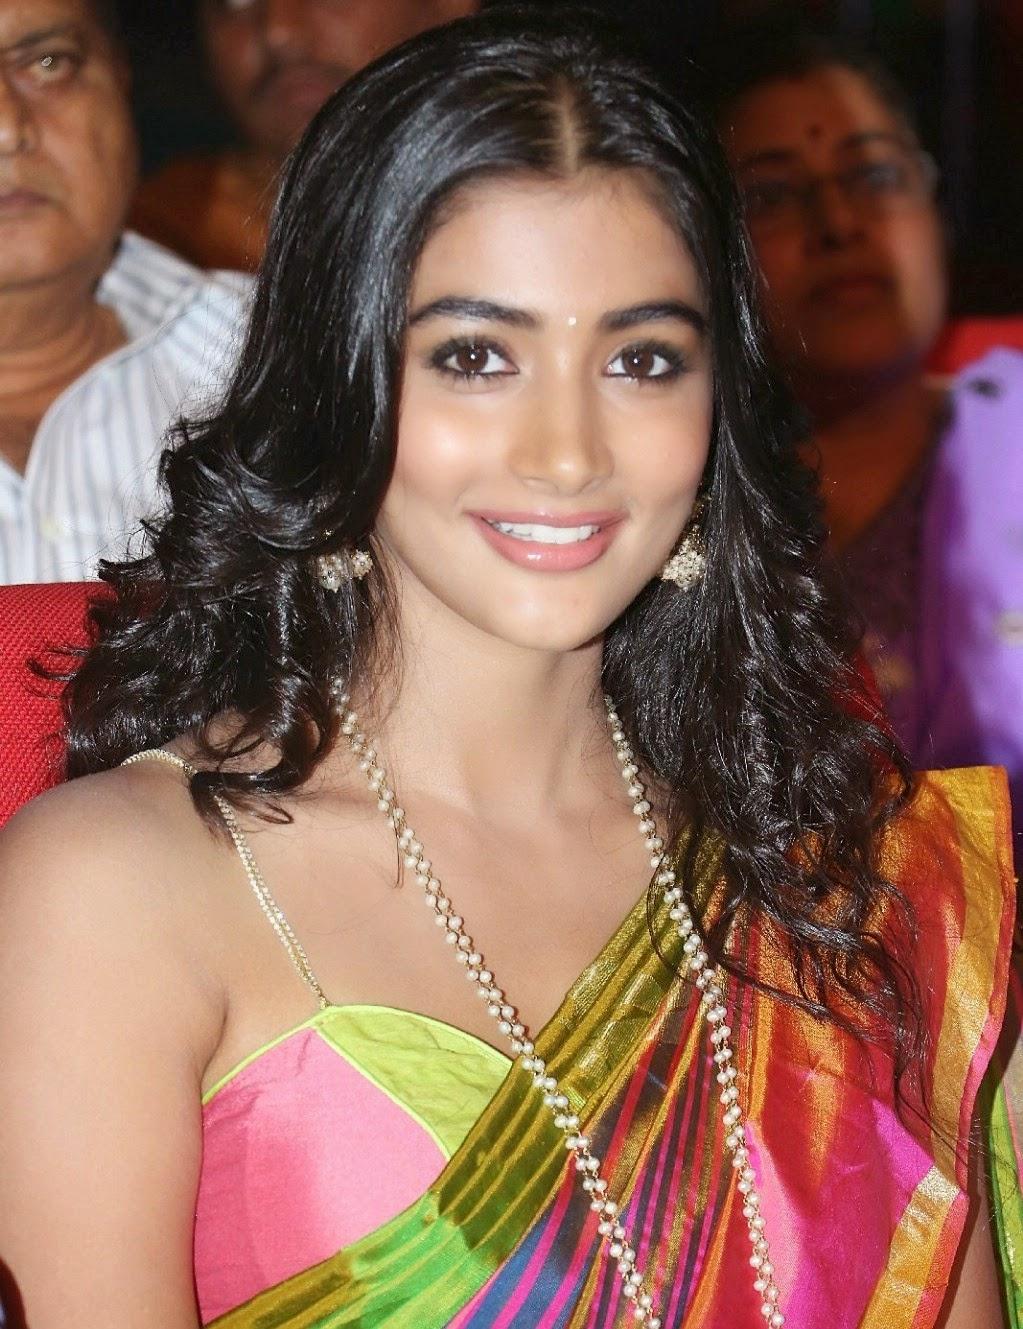 Hot Actress Pics Pooja Hegde Hot Pics-5973